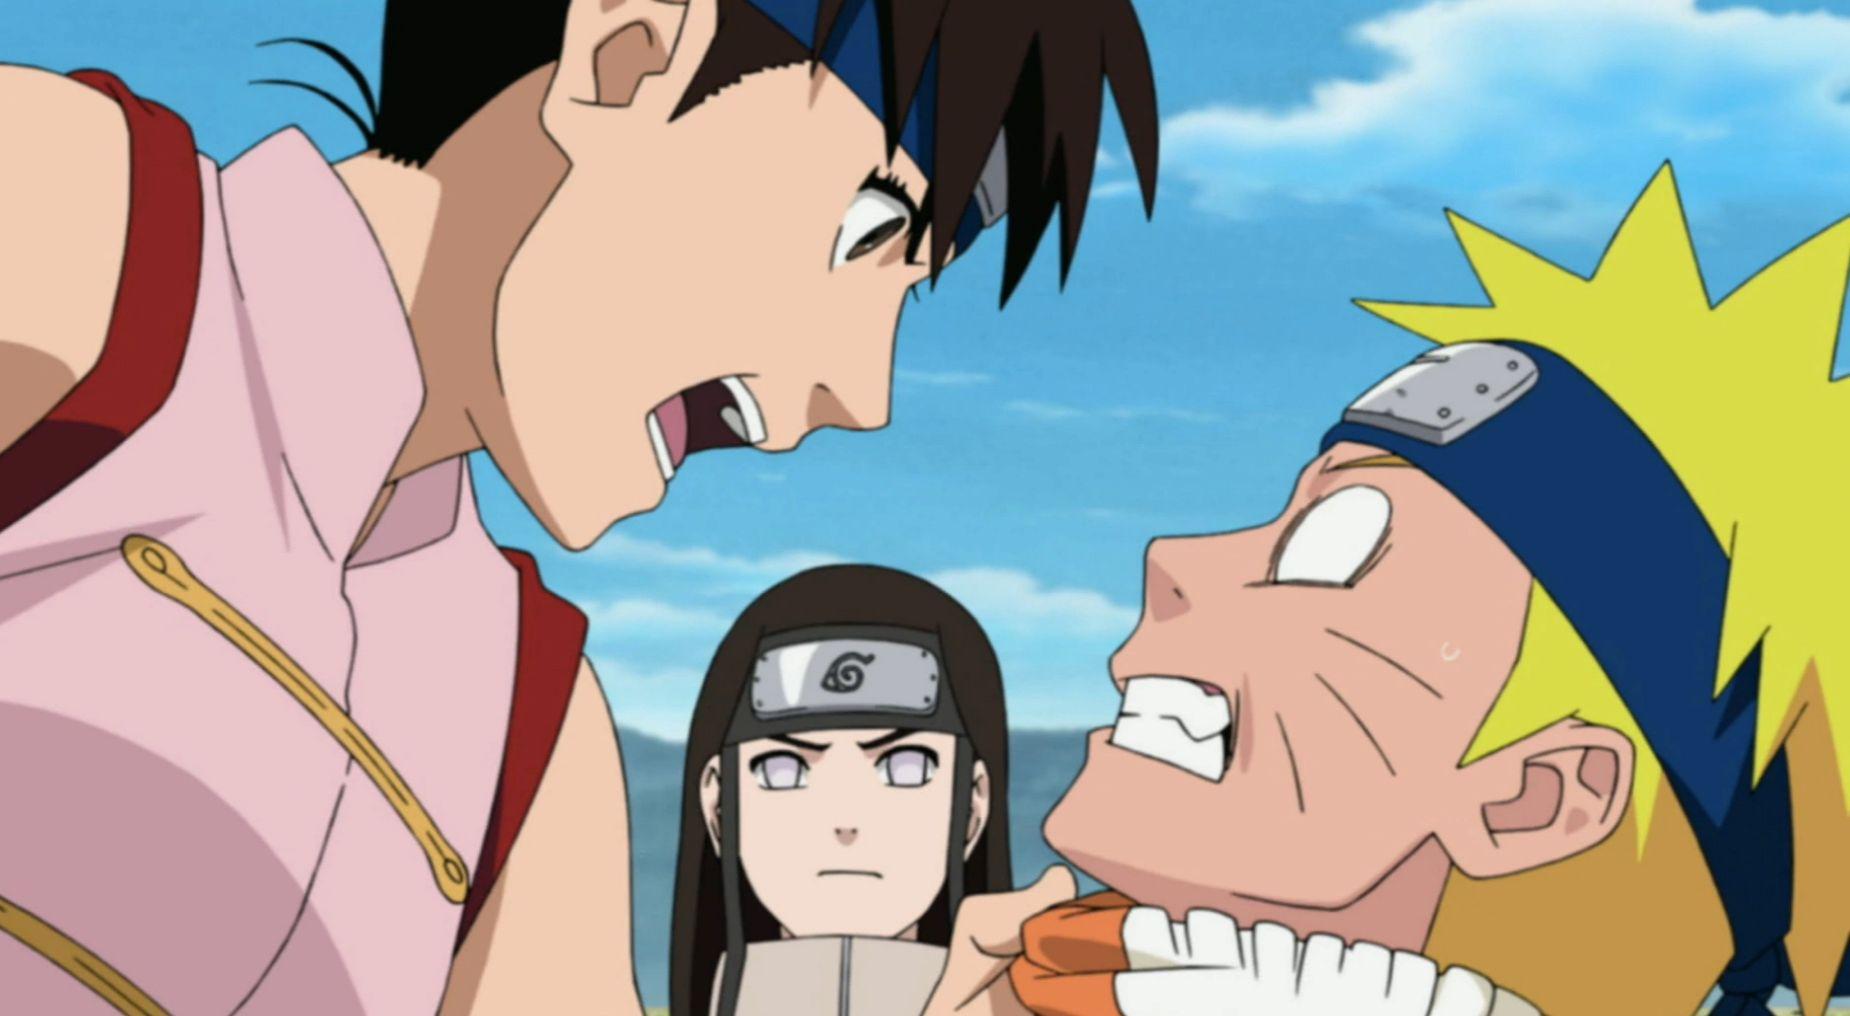 Naruto Among Us Characters I Made A Custom Akatsuki Skin For Among Us Naruto